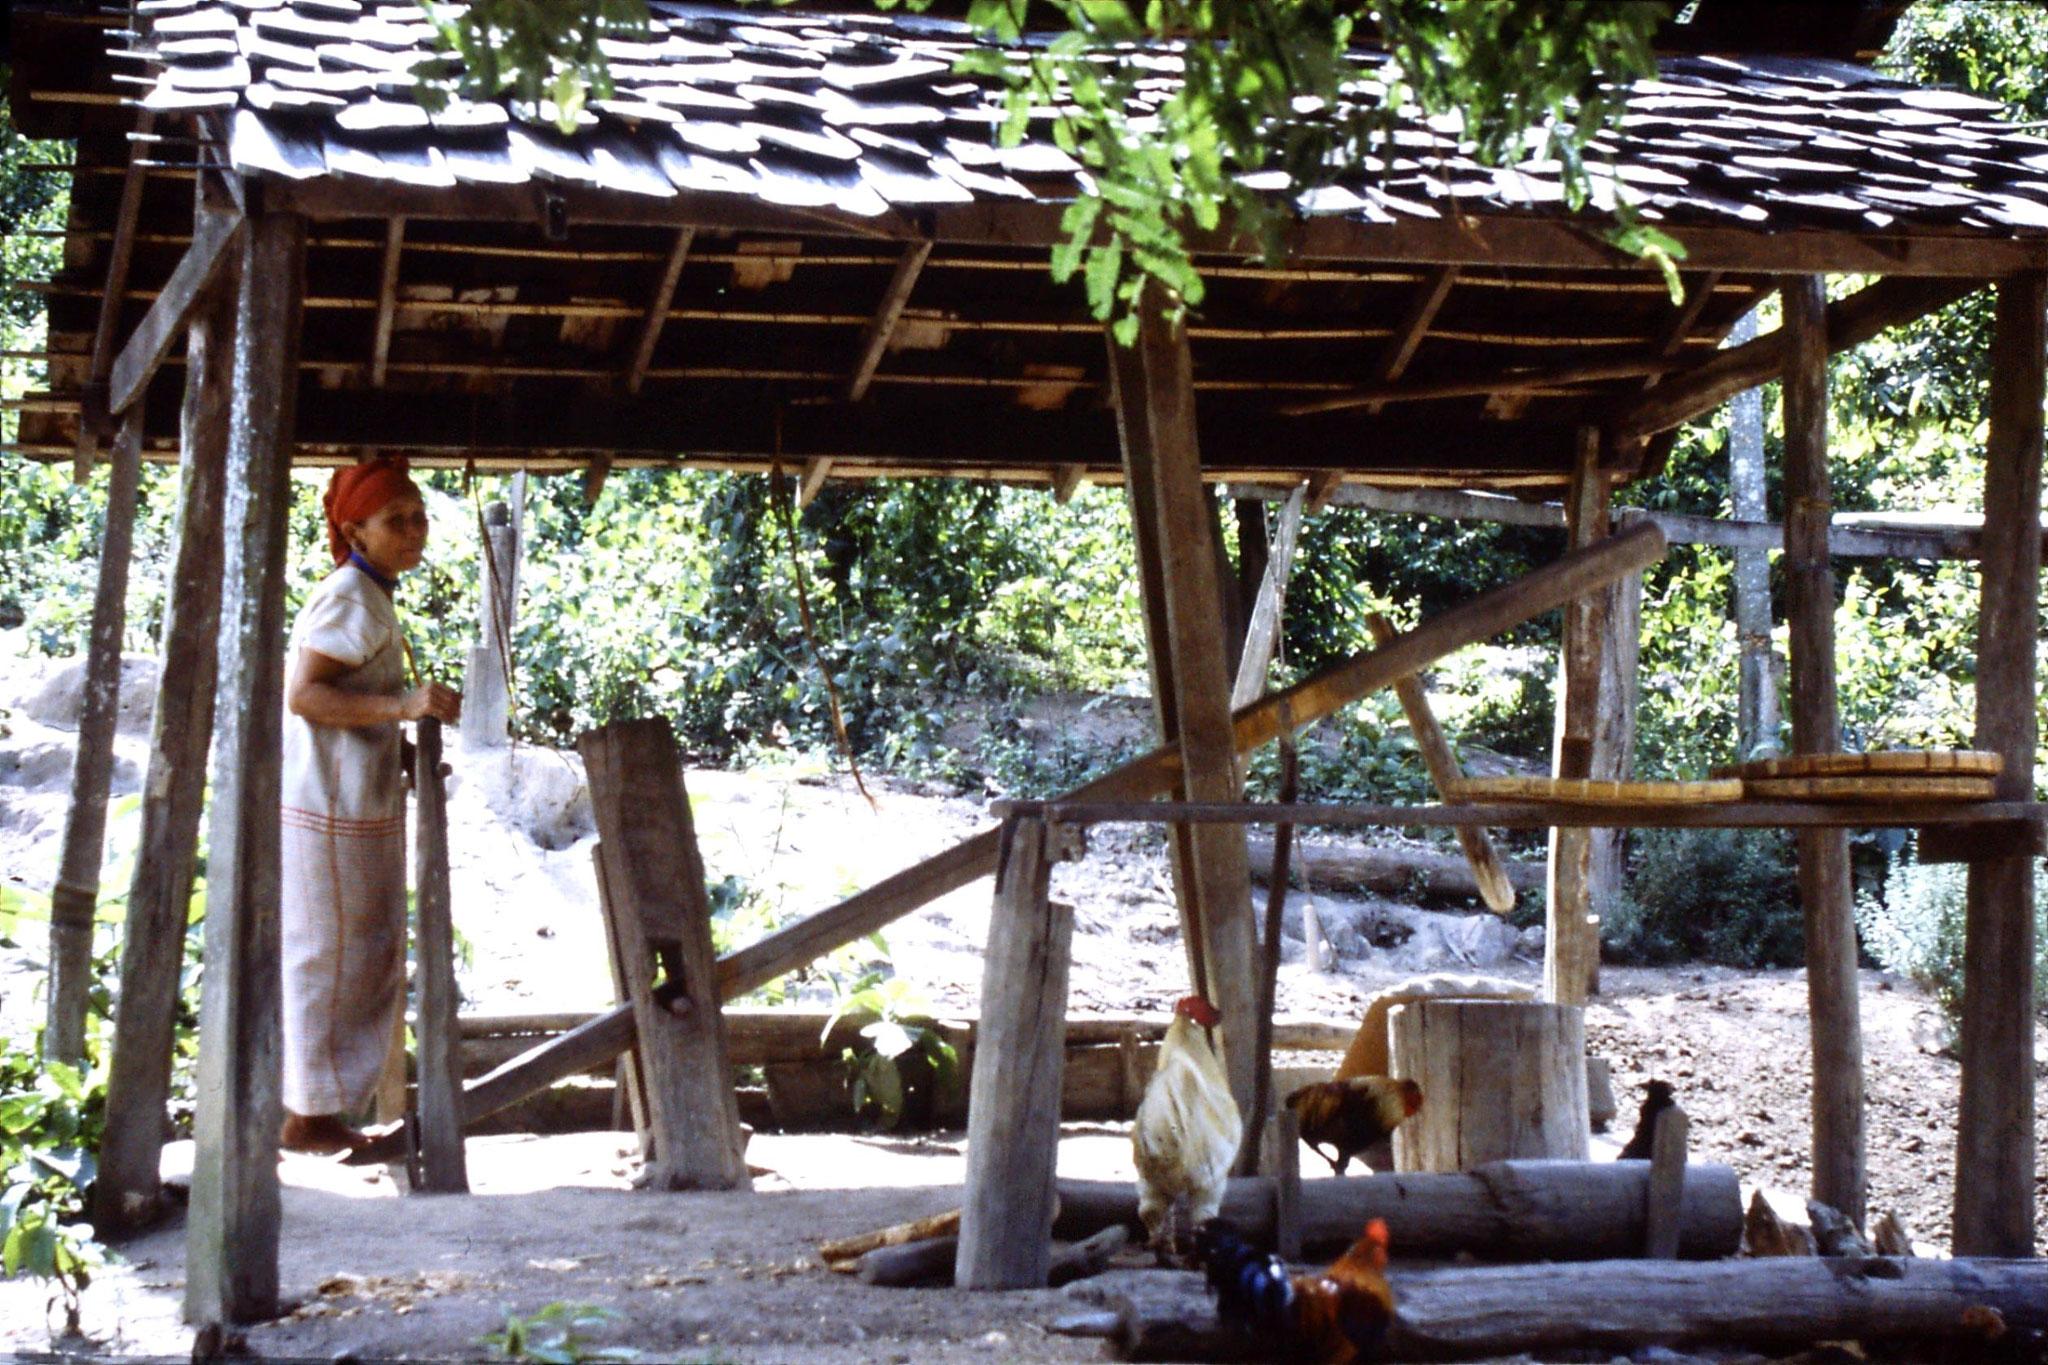 12/6/1990: 21: Trek - Hue Kom Karen village, woman pounding rice